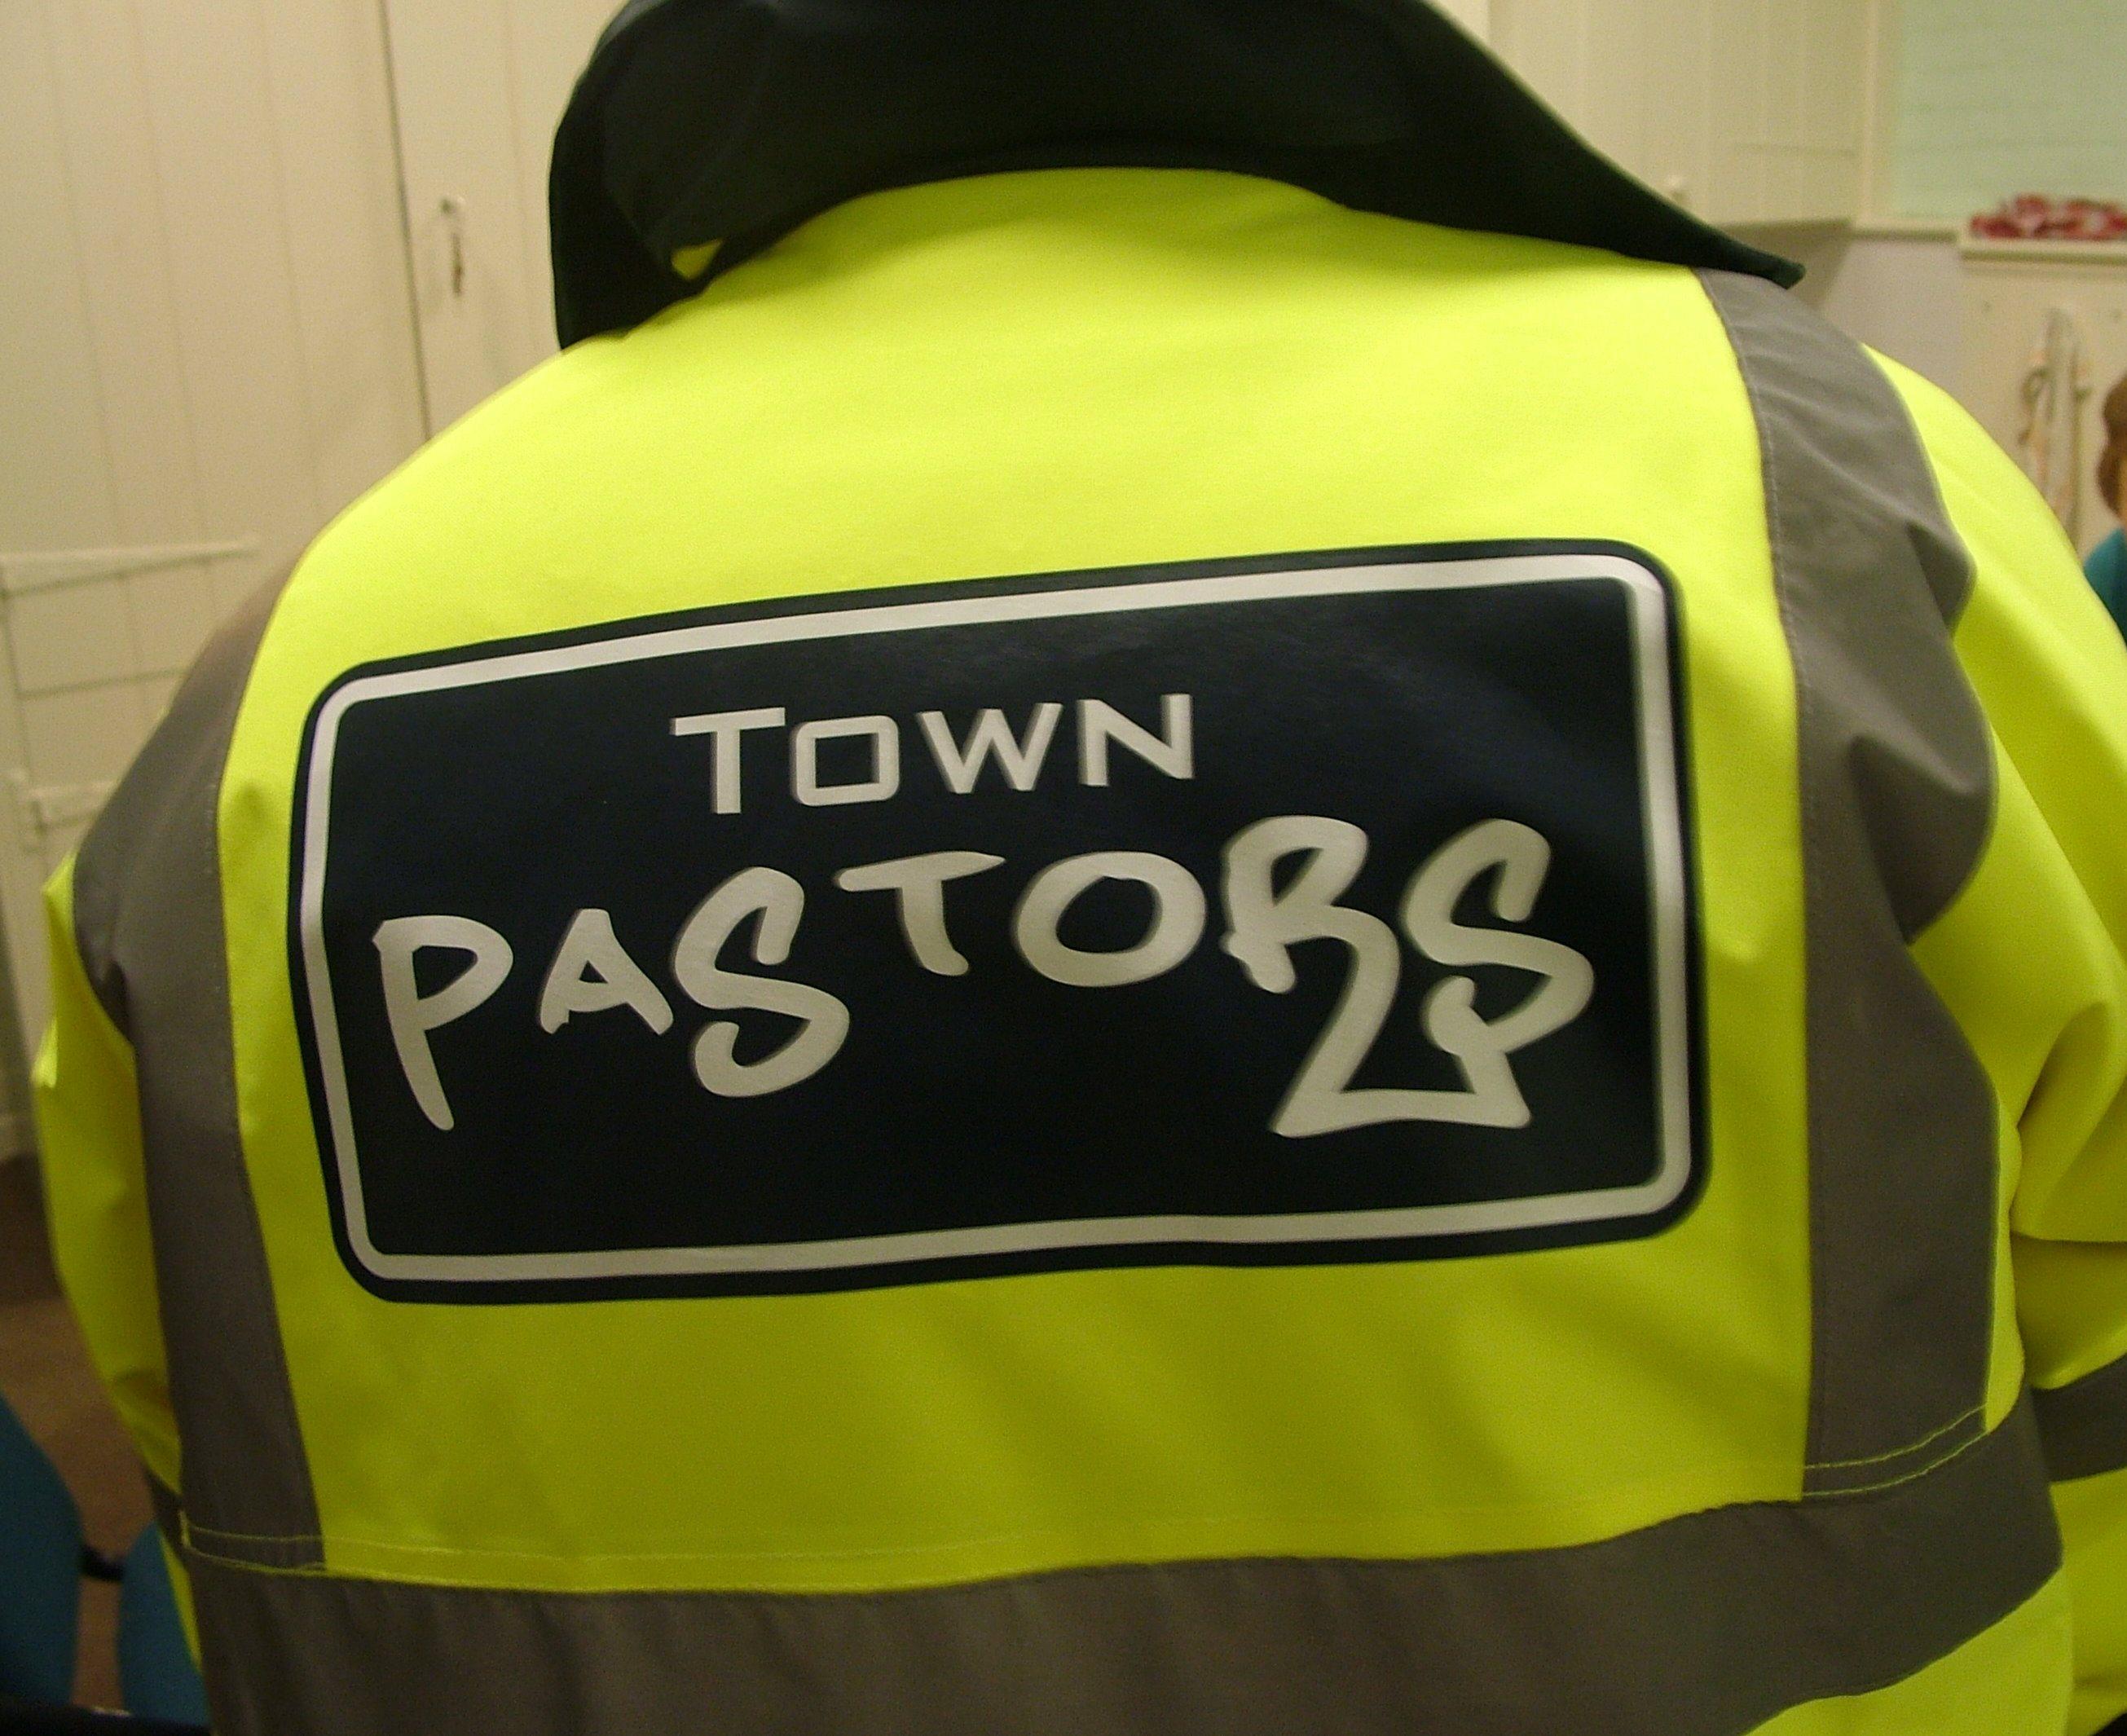 town pastors back